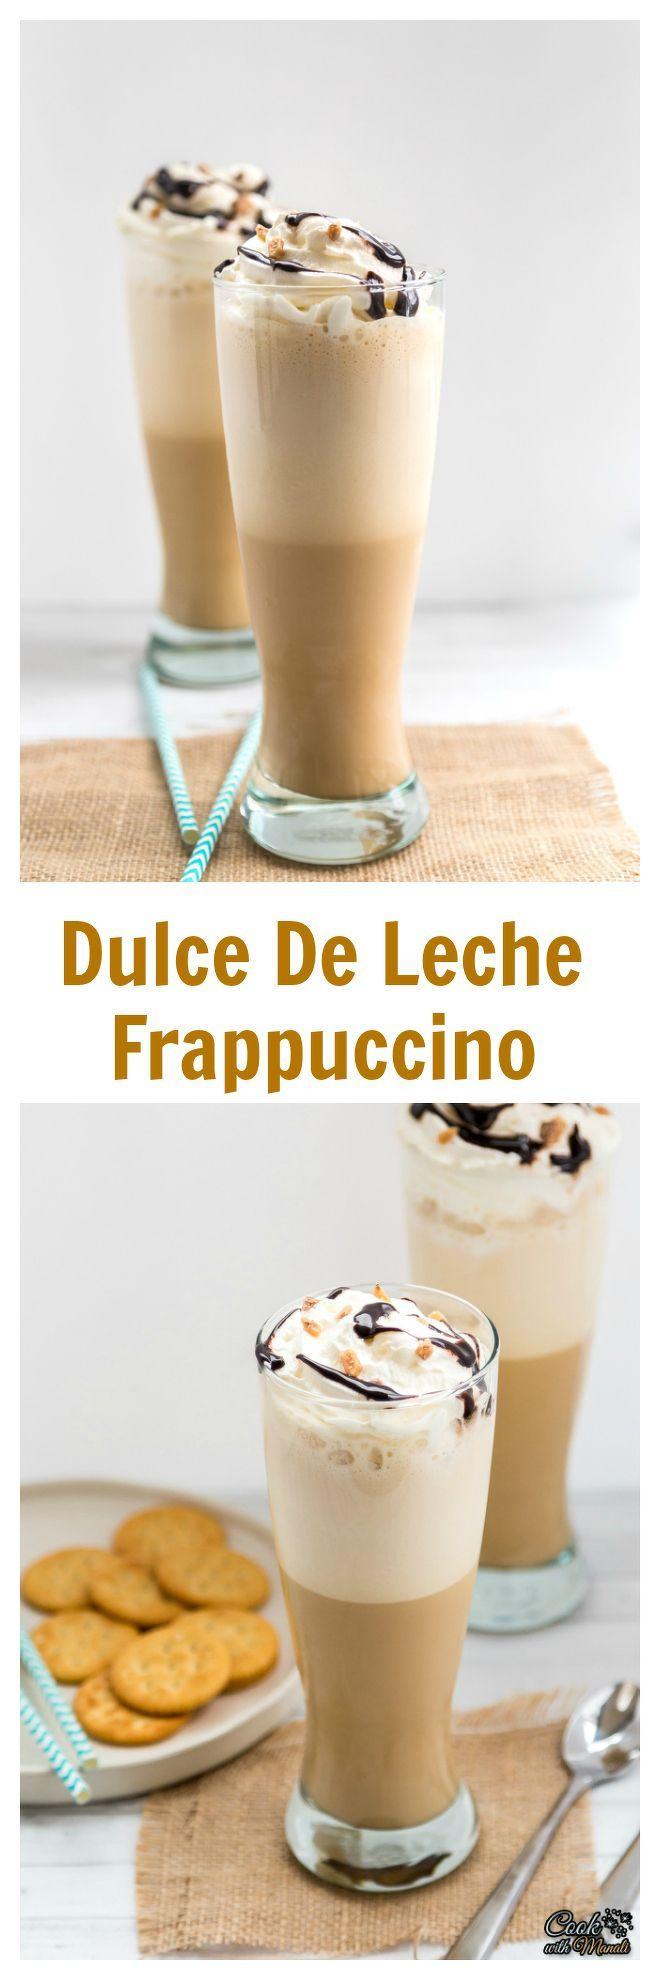 Dulce De Leche Frappuccino | Recipe | Frappuccino, Treats ...